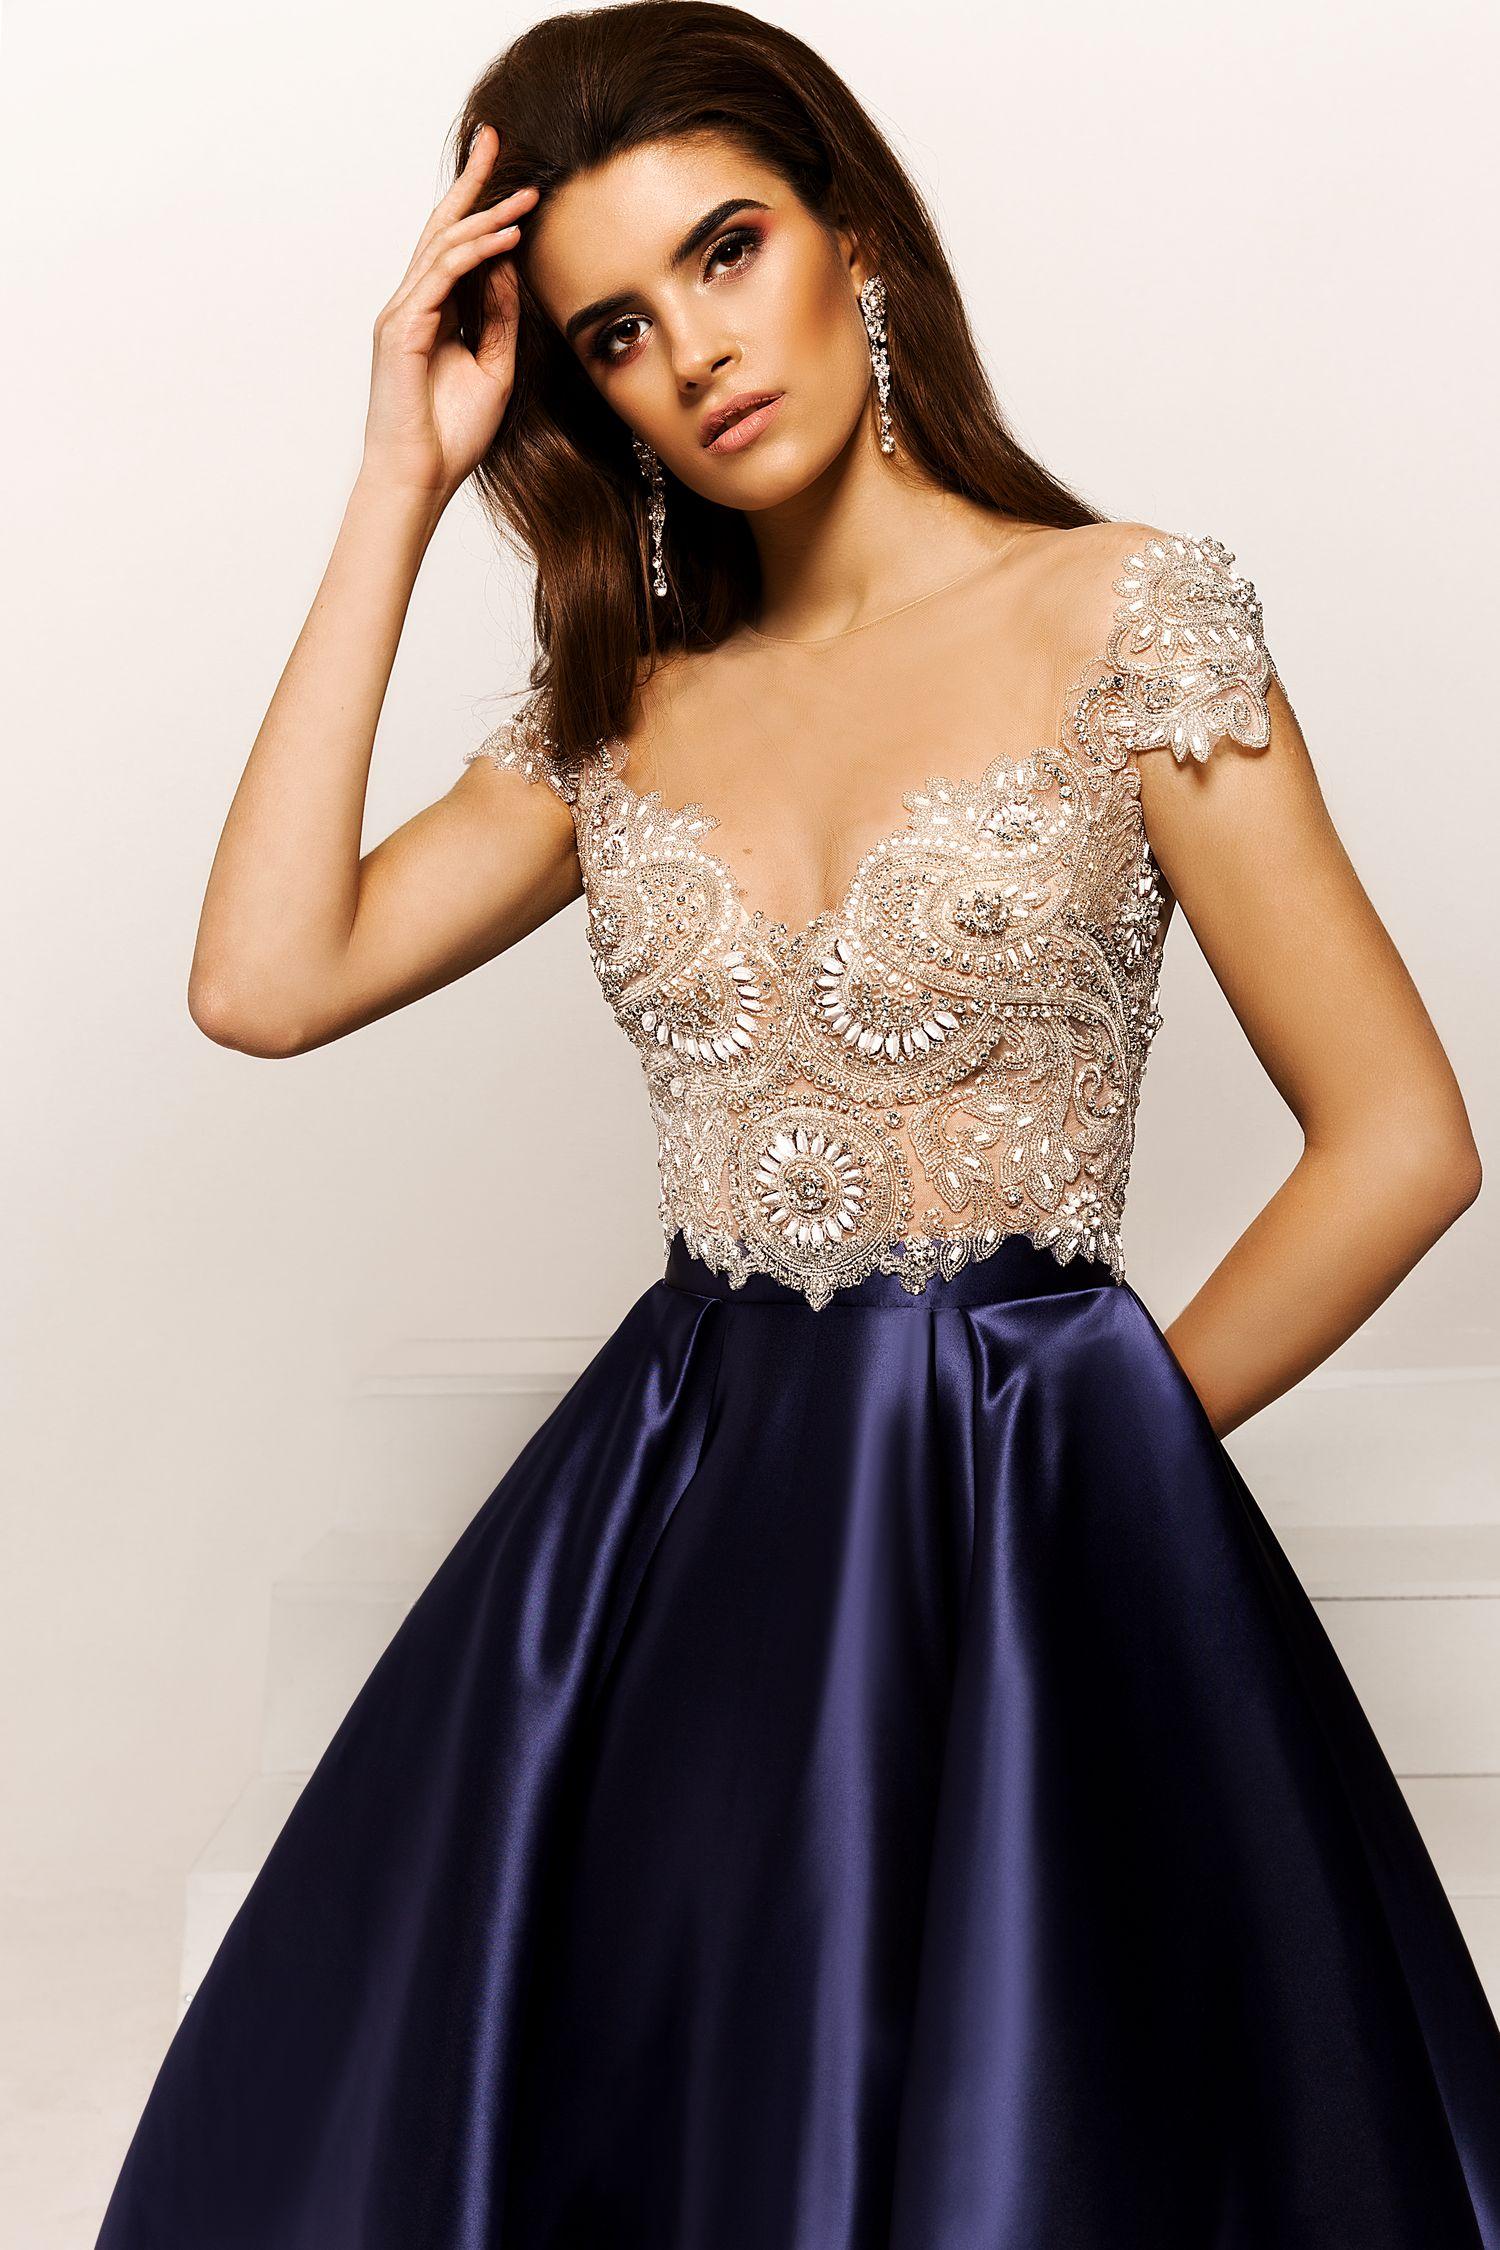 атласное платье на выпускной с вышивкой